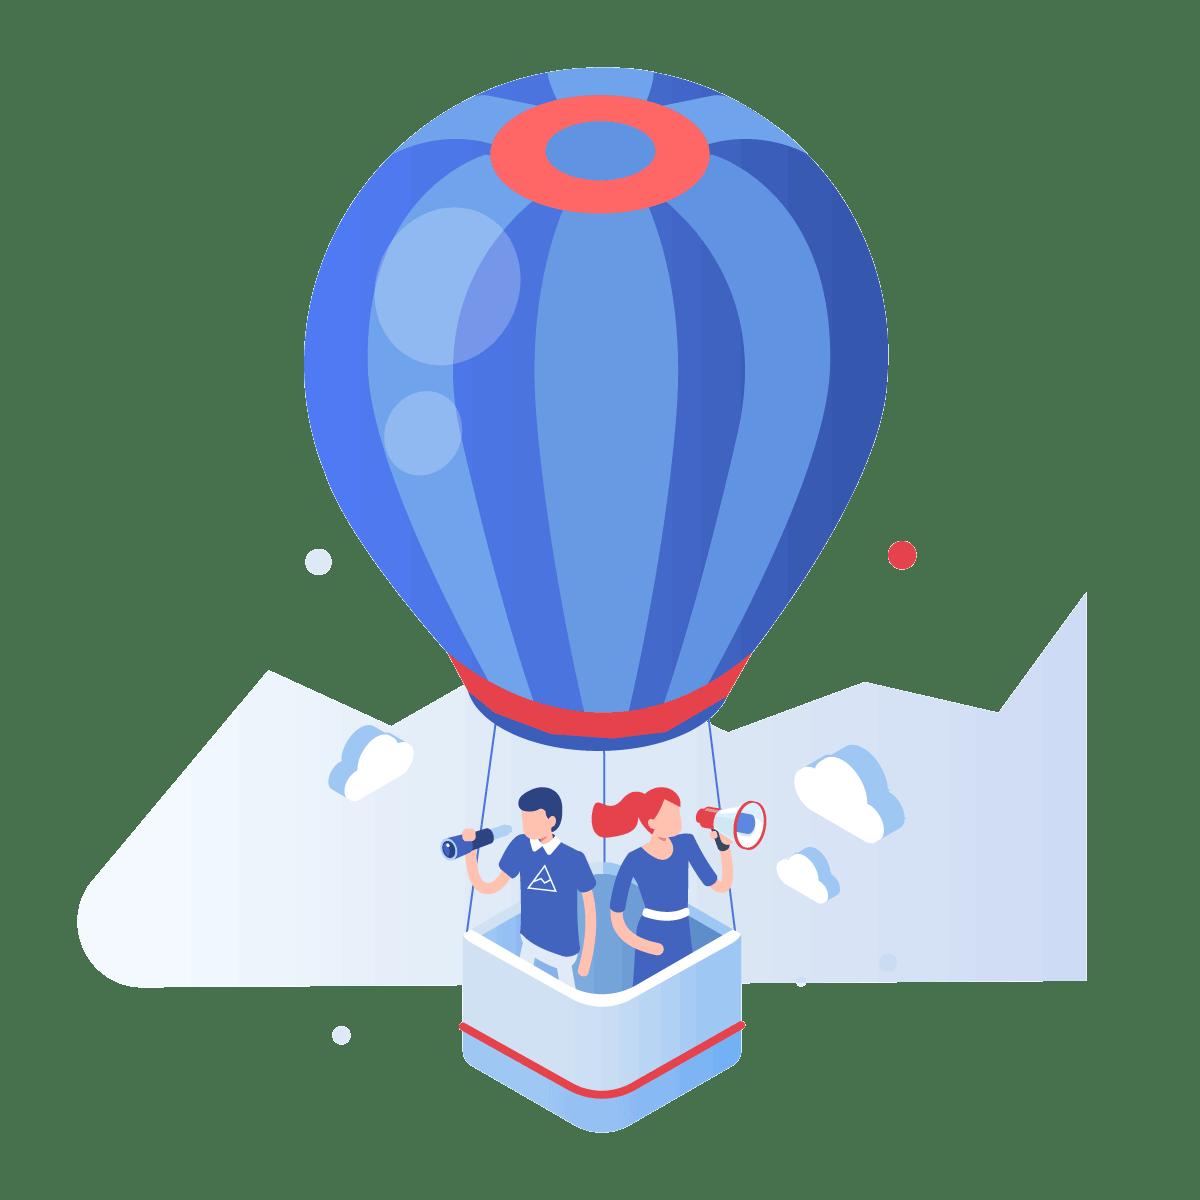 supro brand assets illustration